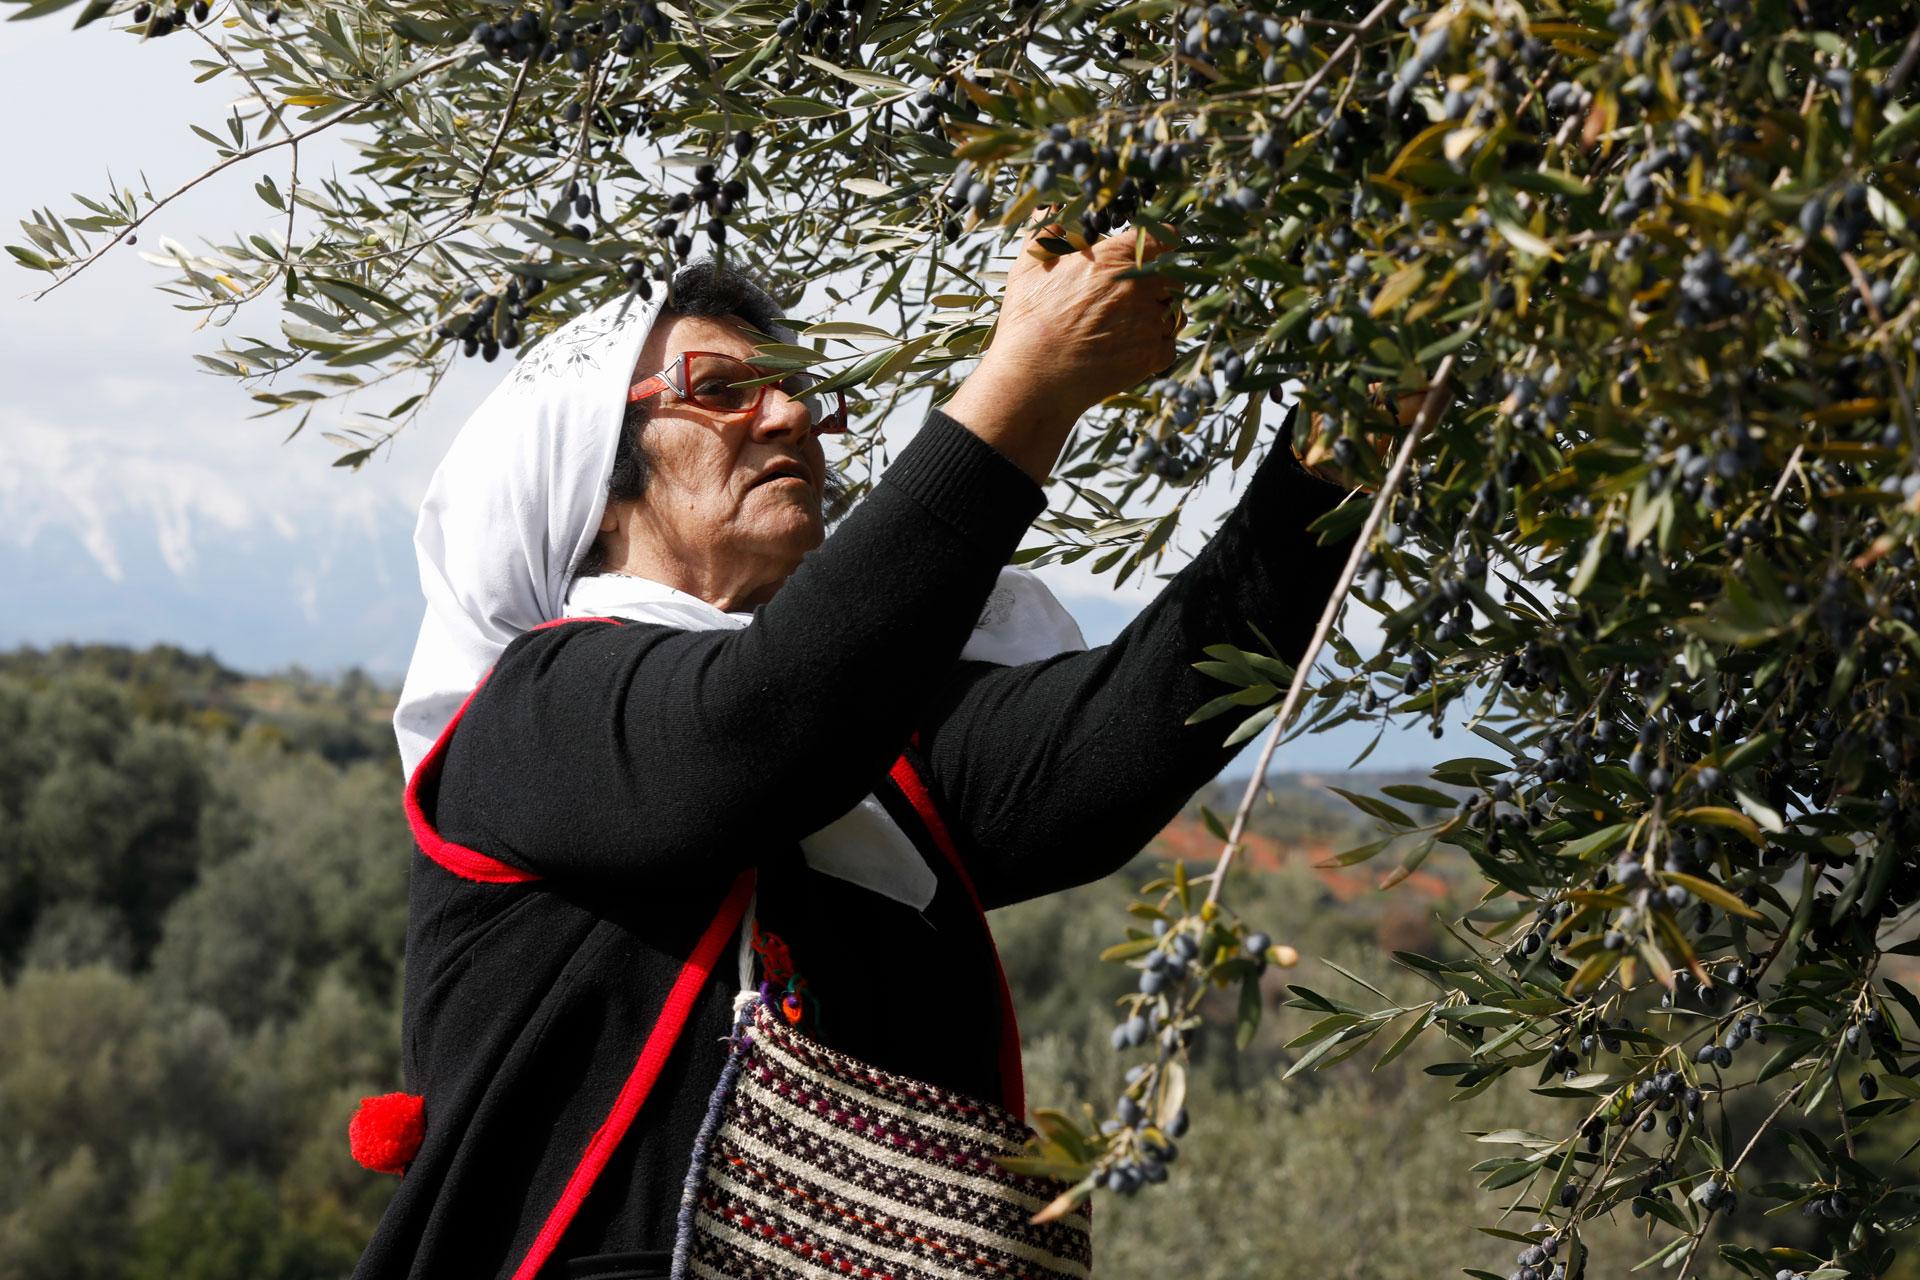 Το μάζεμα της ελιάς είναι η αγροτική δραστηριότητα του Φθινοπώρου